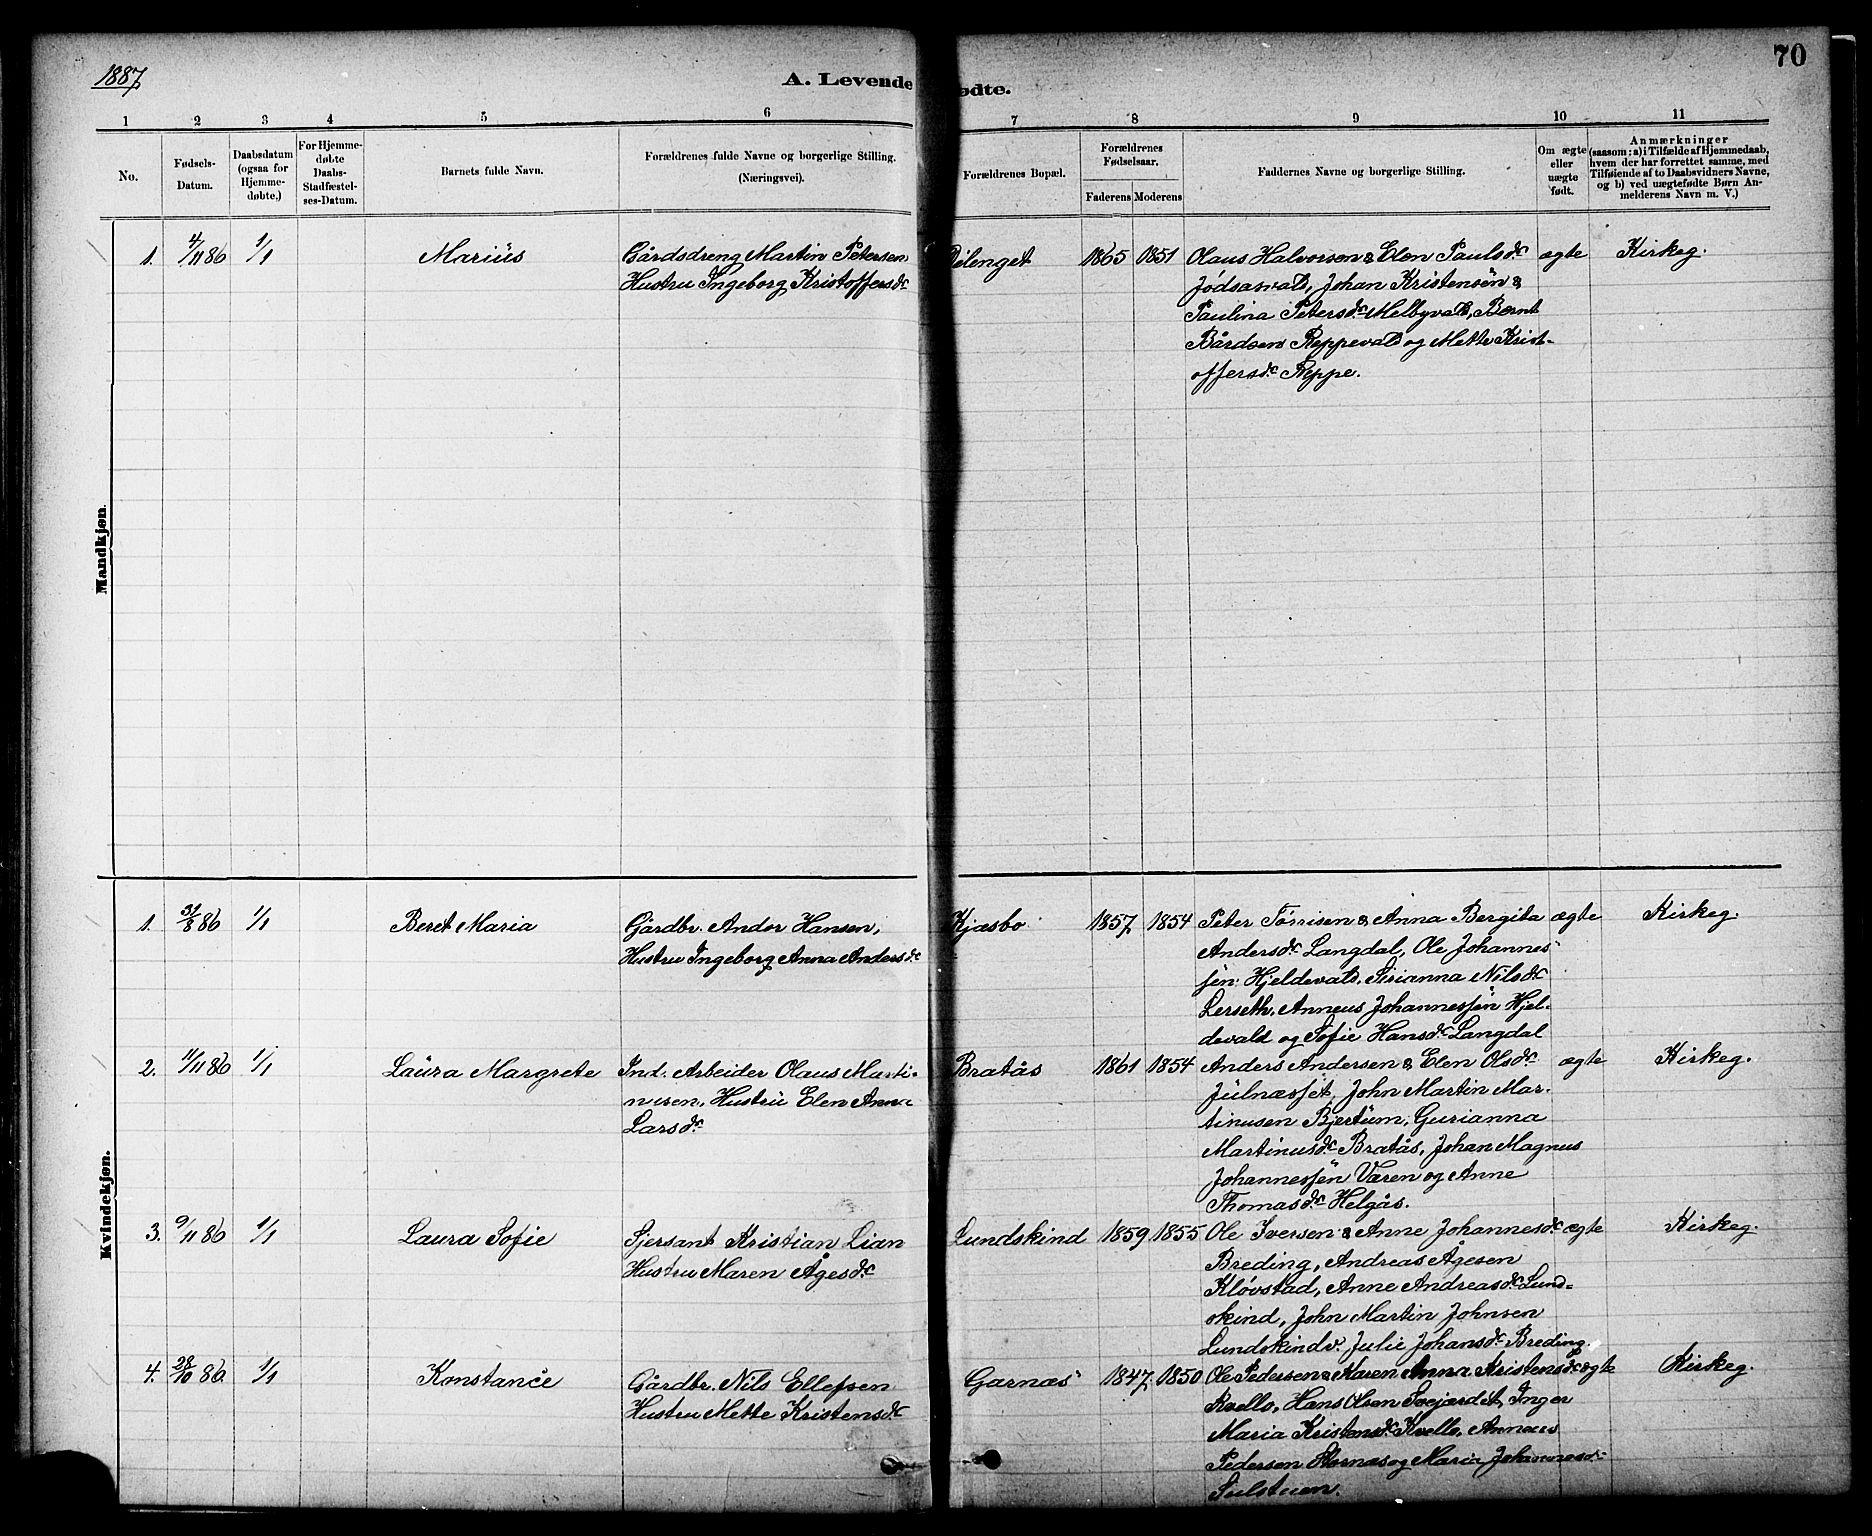 SAT, Ministerialprotokoller, klokkerbøker og fødselsregistre - Nord-Trøndelag, 724/L0267: Klokkerbok nr. 724C03, 1879-1898, s. 70